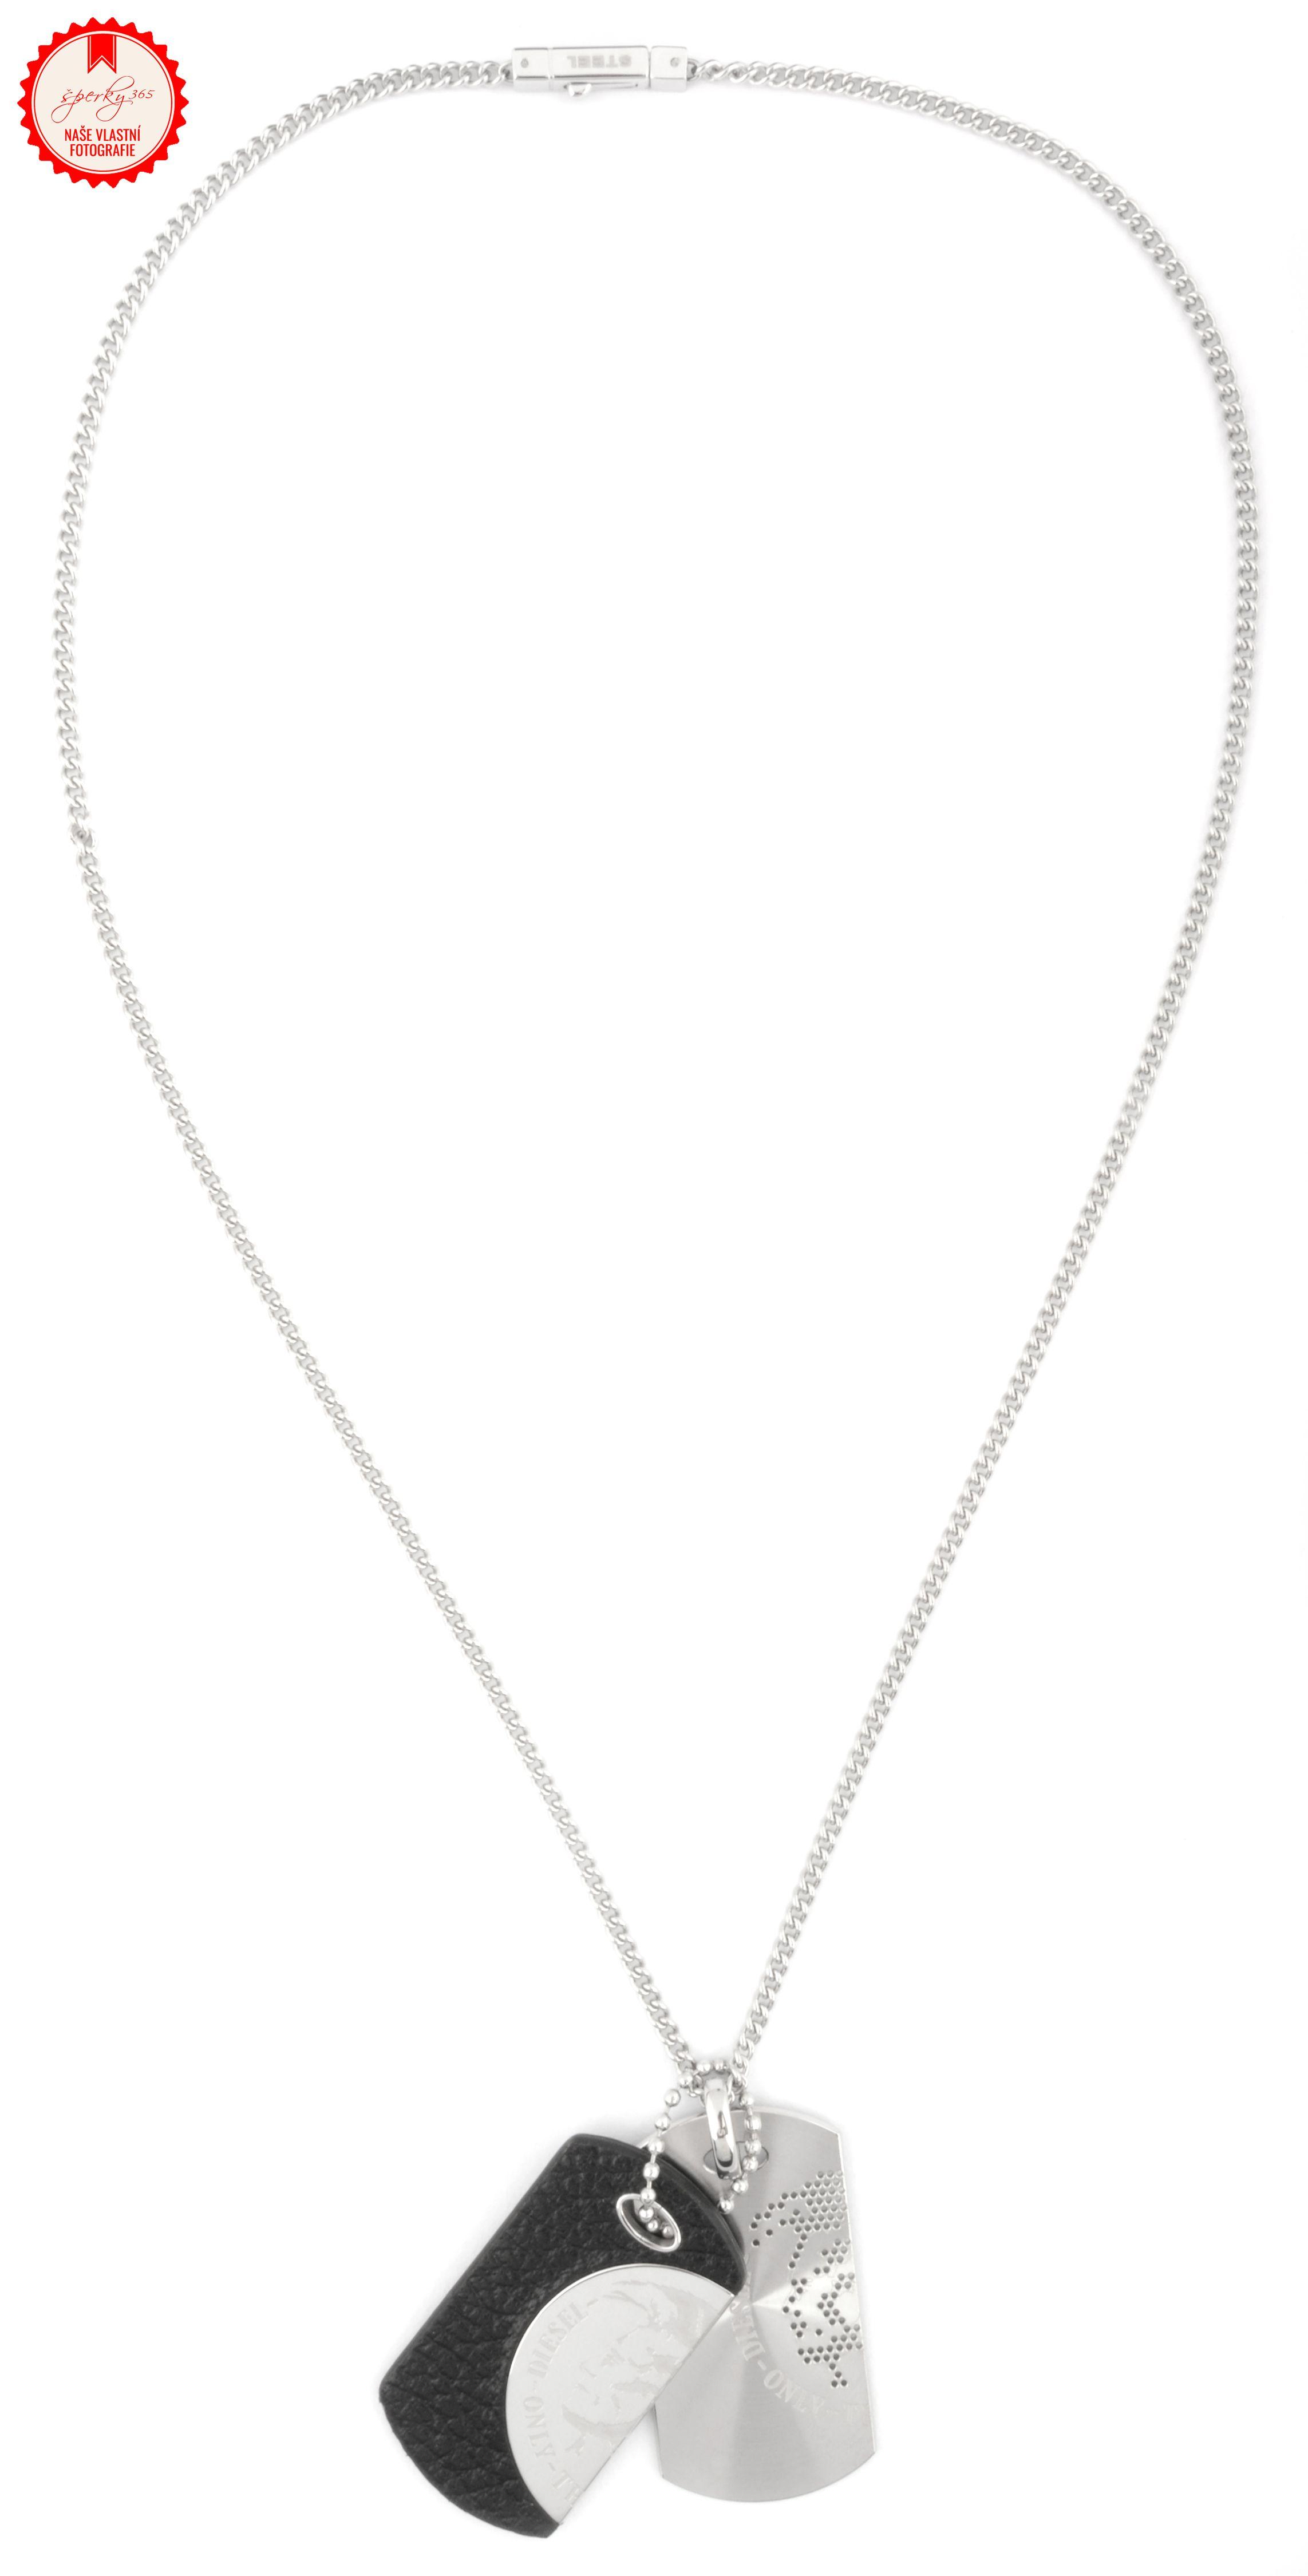 ... Pánský náhrdelník z chirurgické oceli Diesel DX0289. Foto  Daniel Böhm ca541fa6b22